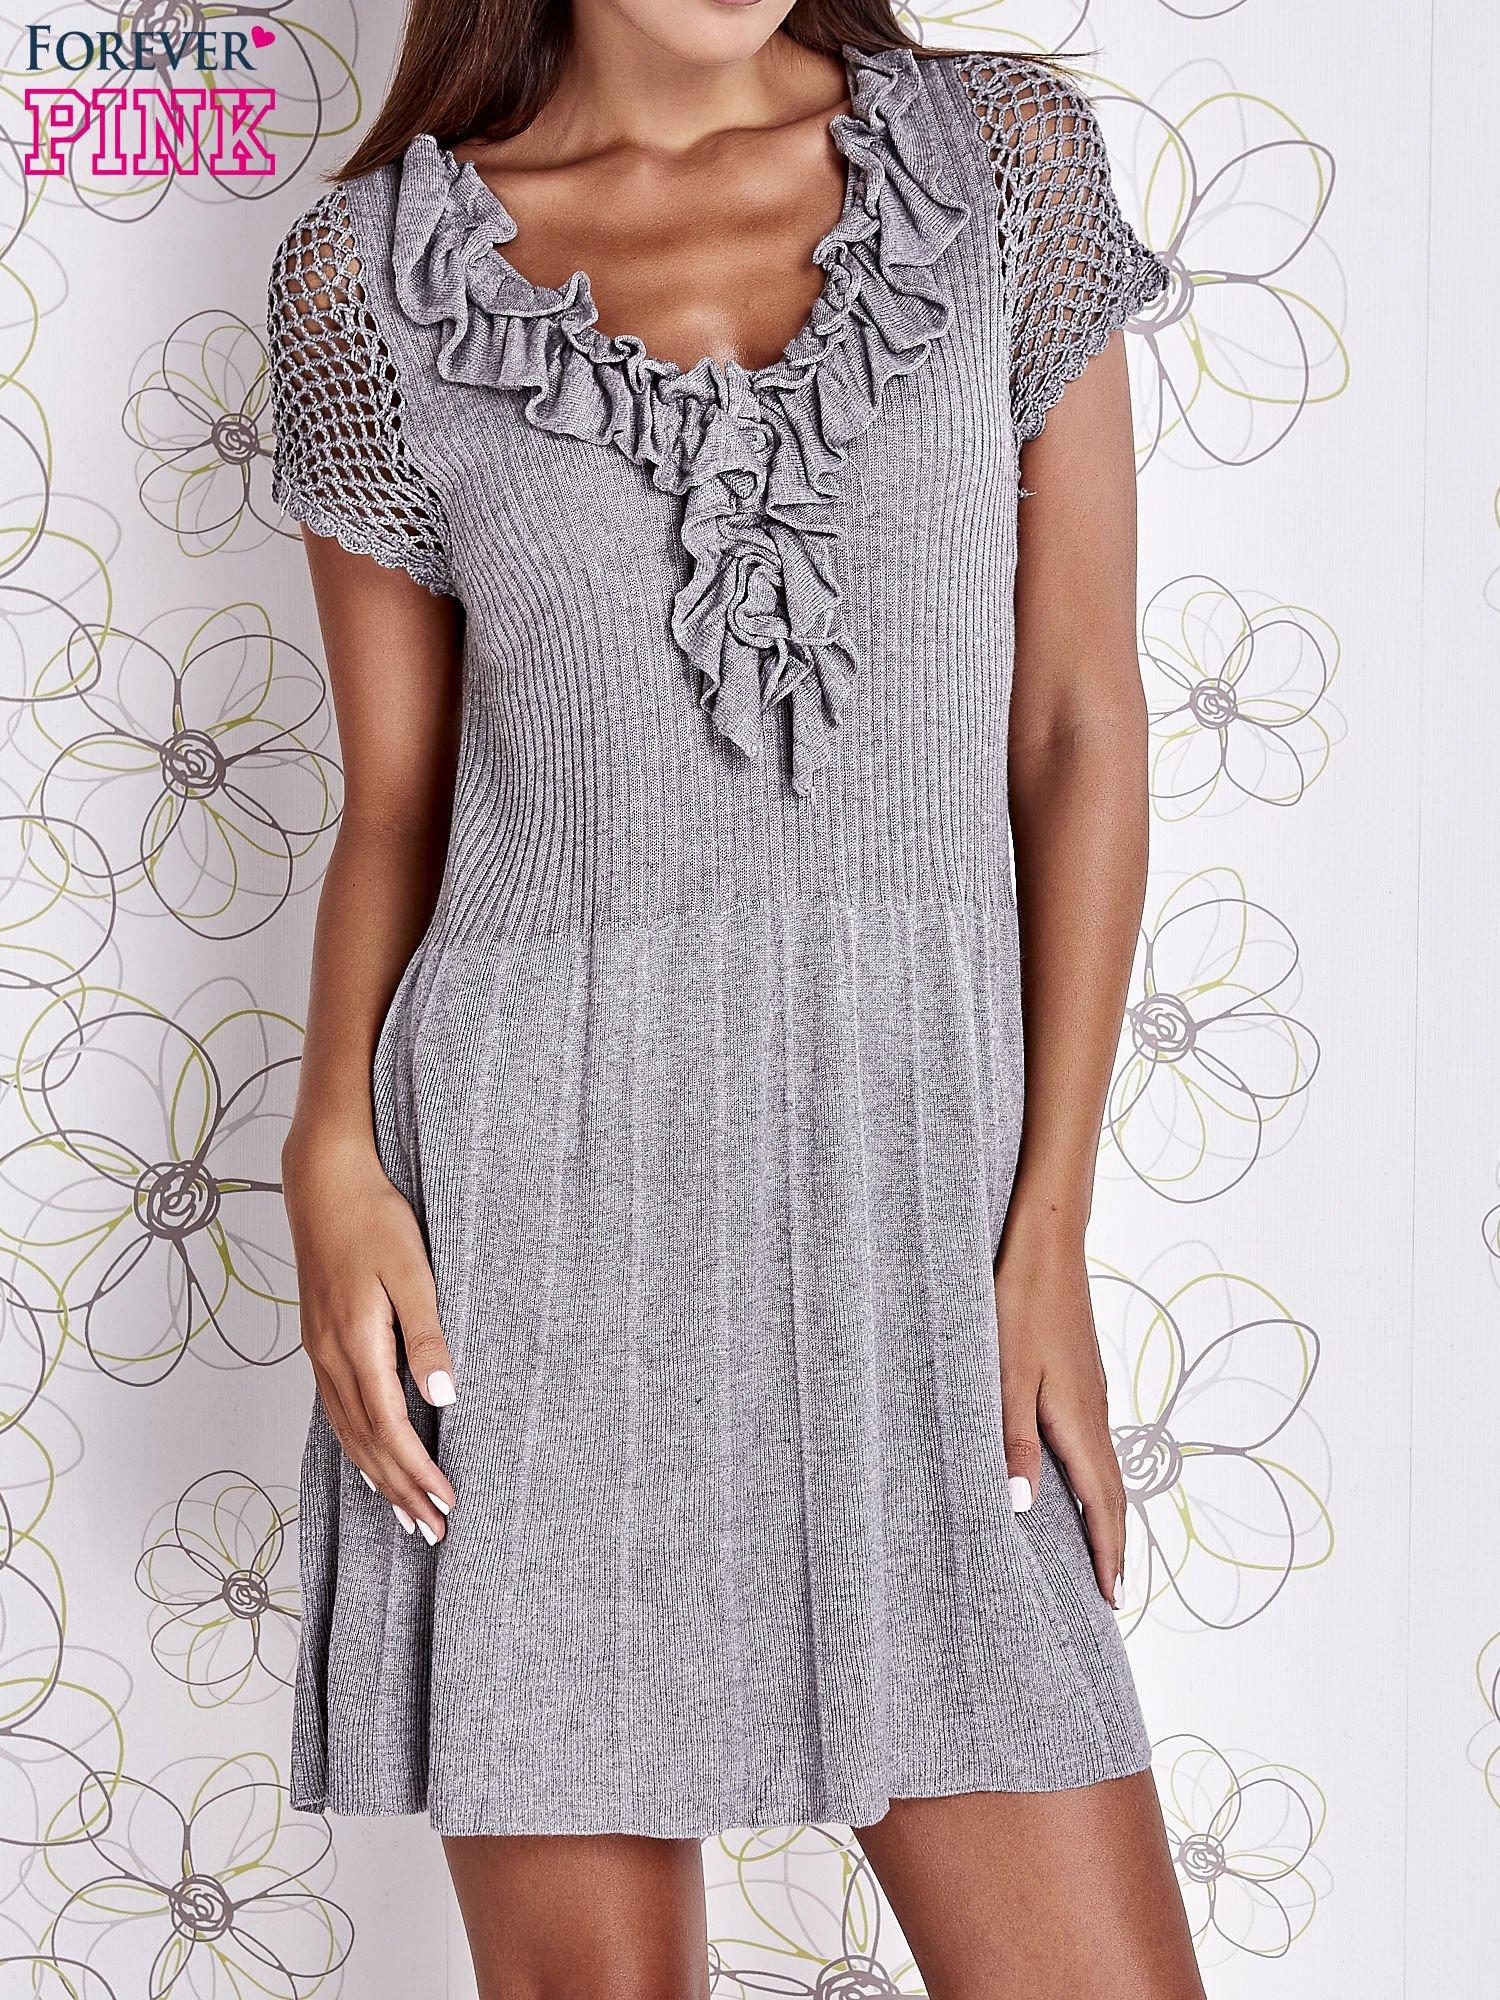 Szara dzianinowa sukienka z żabotem i ażurowymi rękawami                                  zdj.                                  1